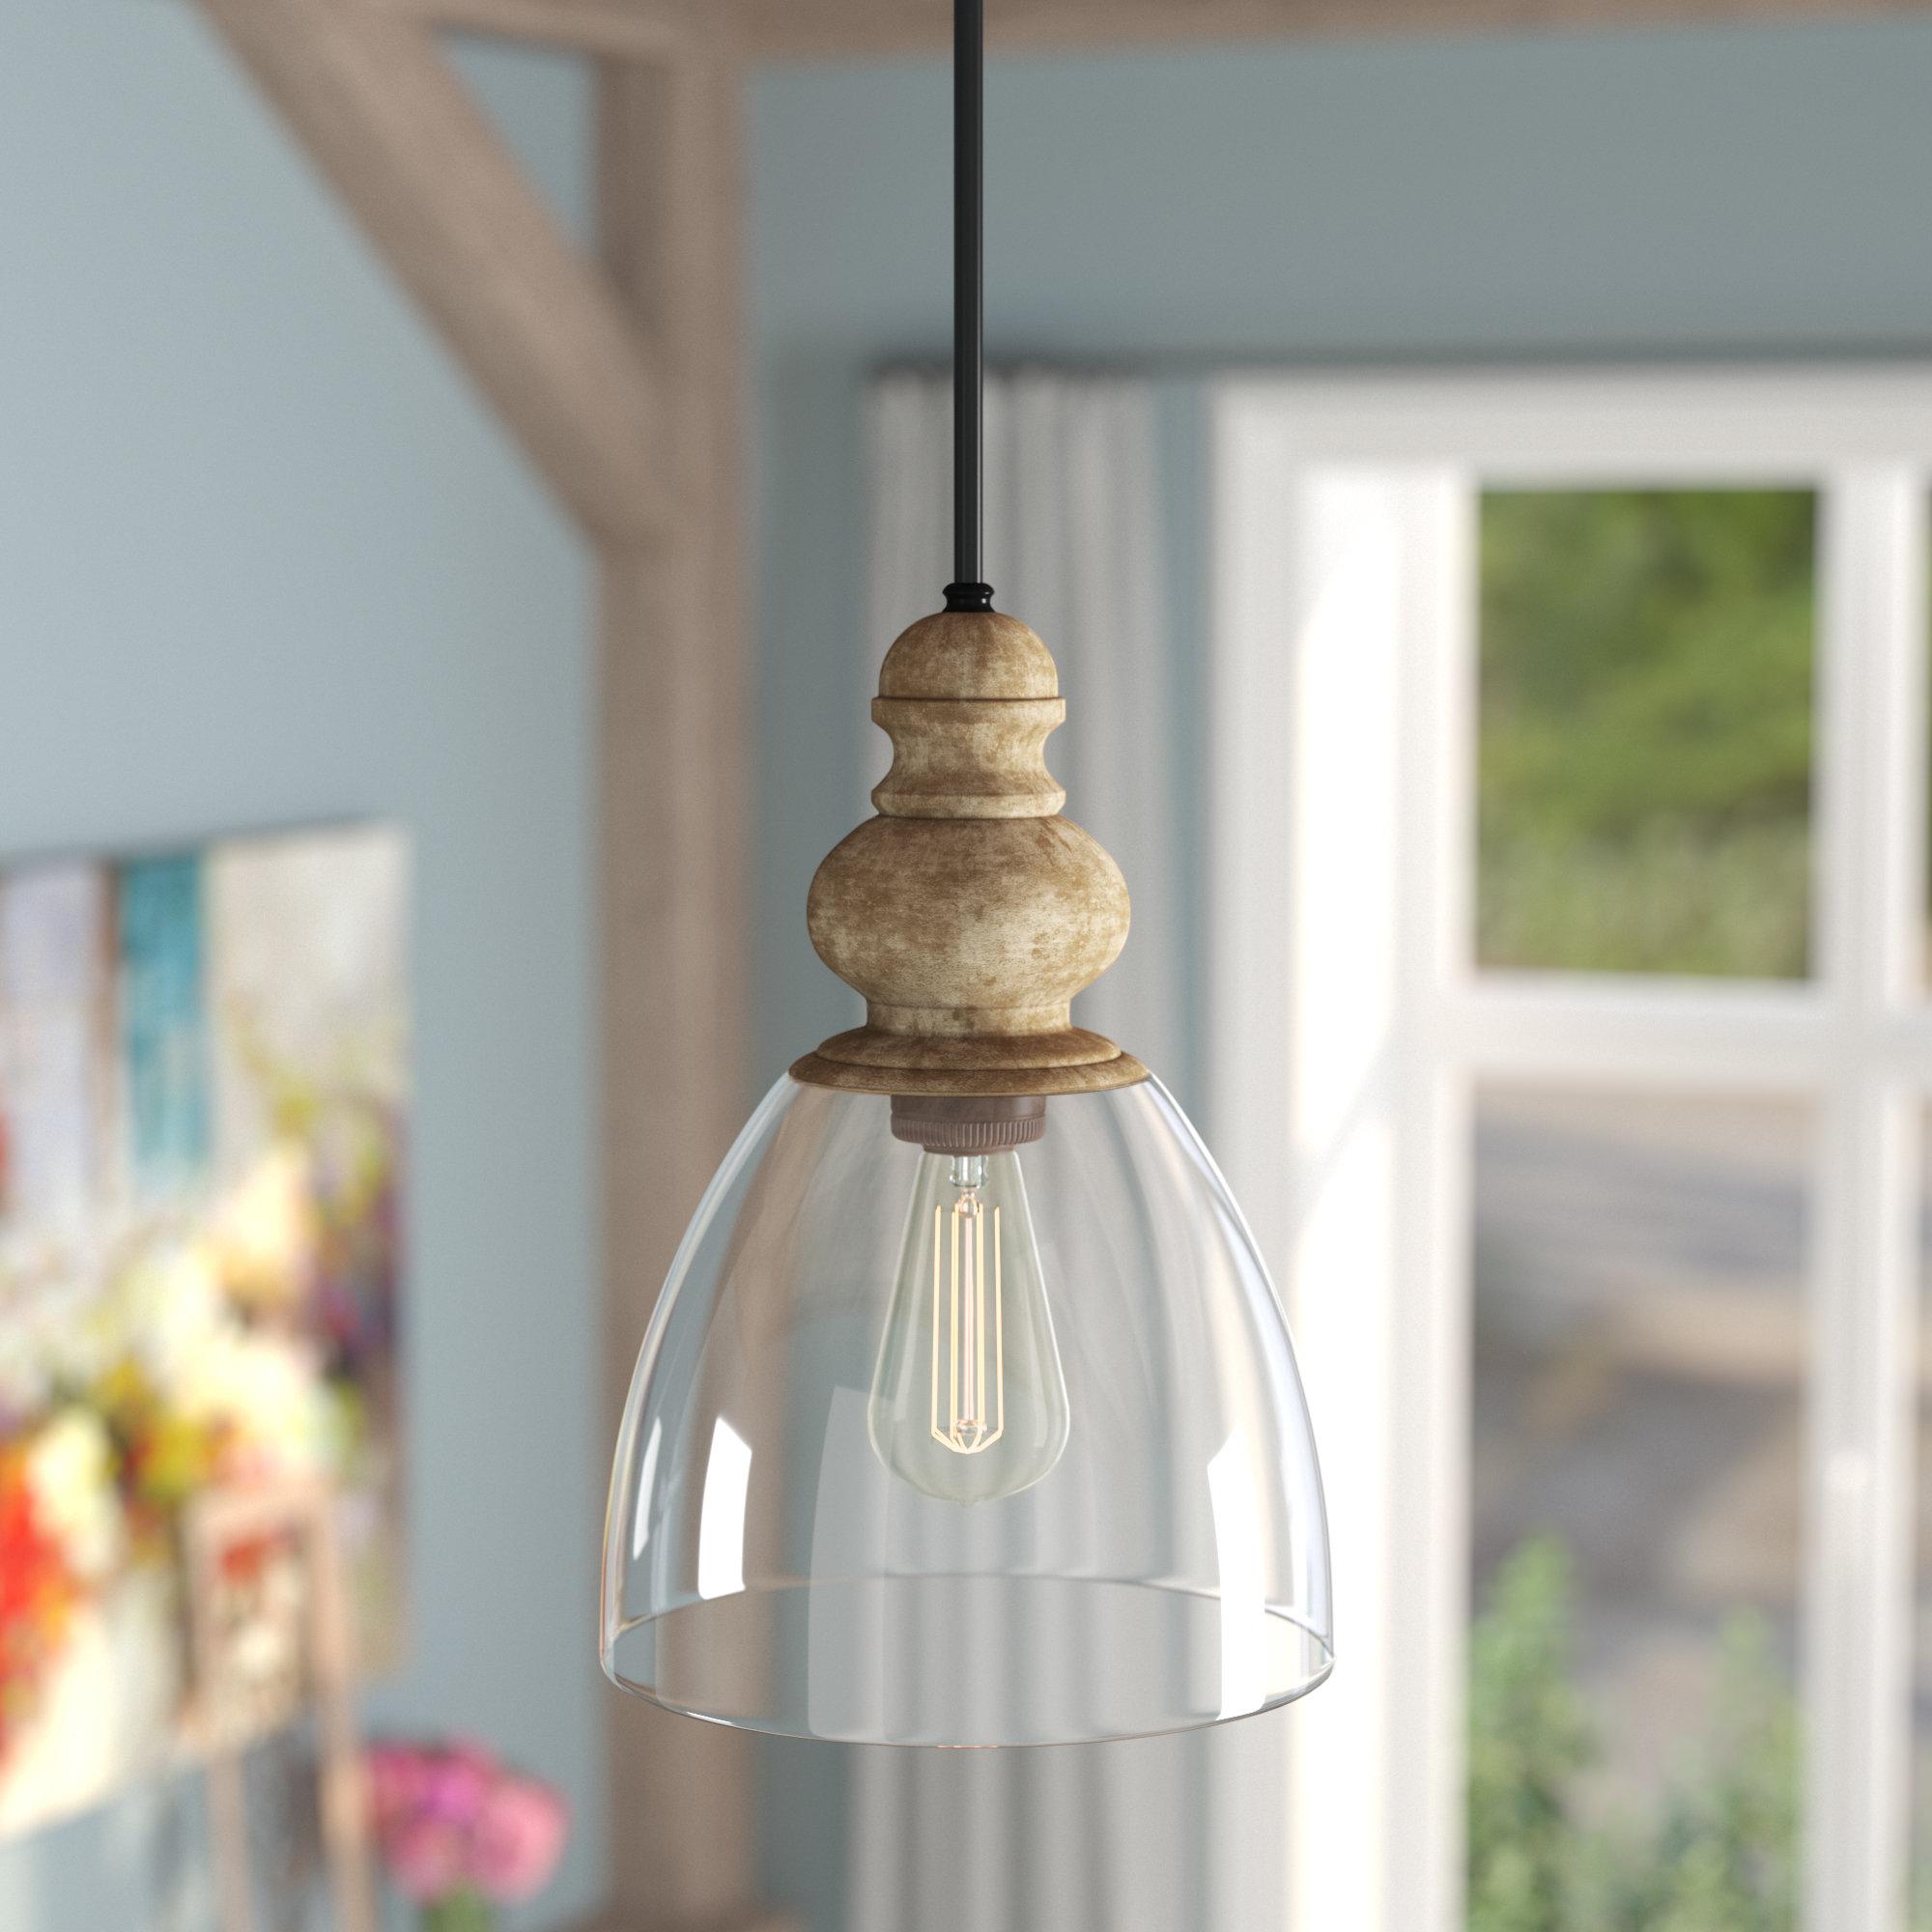 Lemelle 1 Light Single Bell Pendant Within Latest Goldie 1 Light Single Bell Pendants (View 17 of 25)